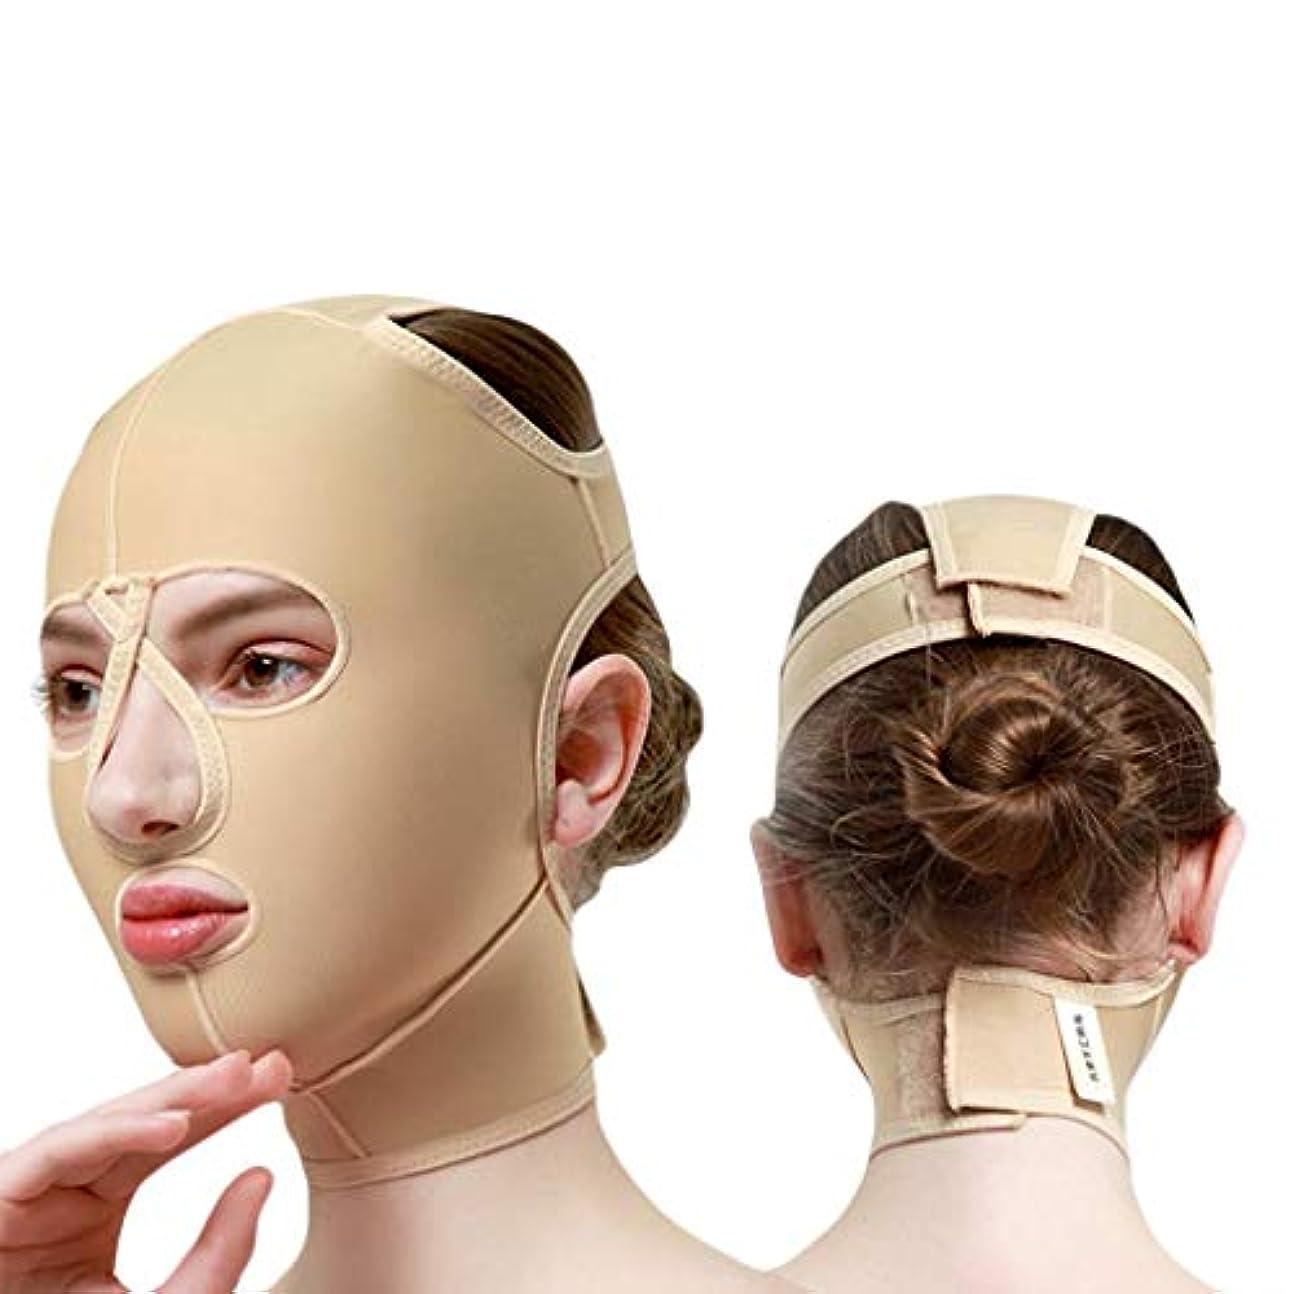 ウミウシ実り多い可能性チンストラップ、顔彫りツール、リフティングマスク、ダブルチンリデューサー、フェイスリフティングエラスティックマスクメス(サイズ:M),XXL